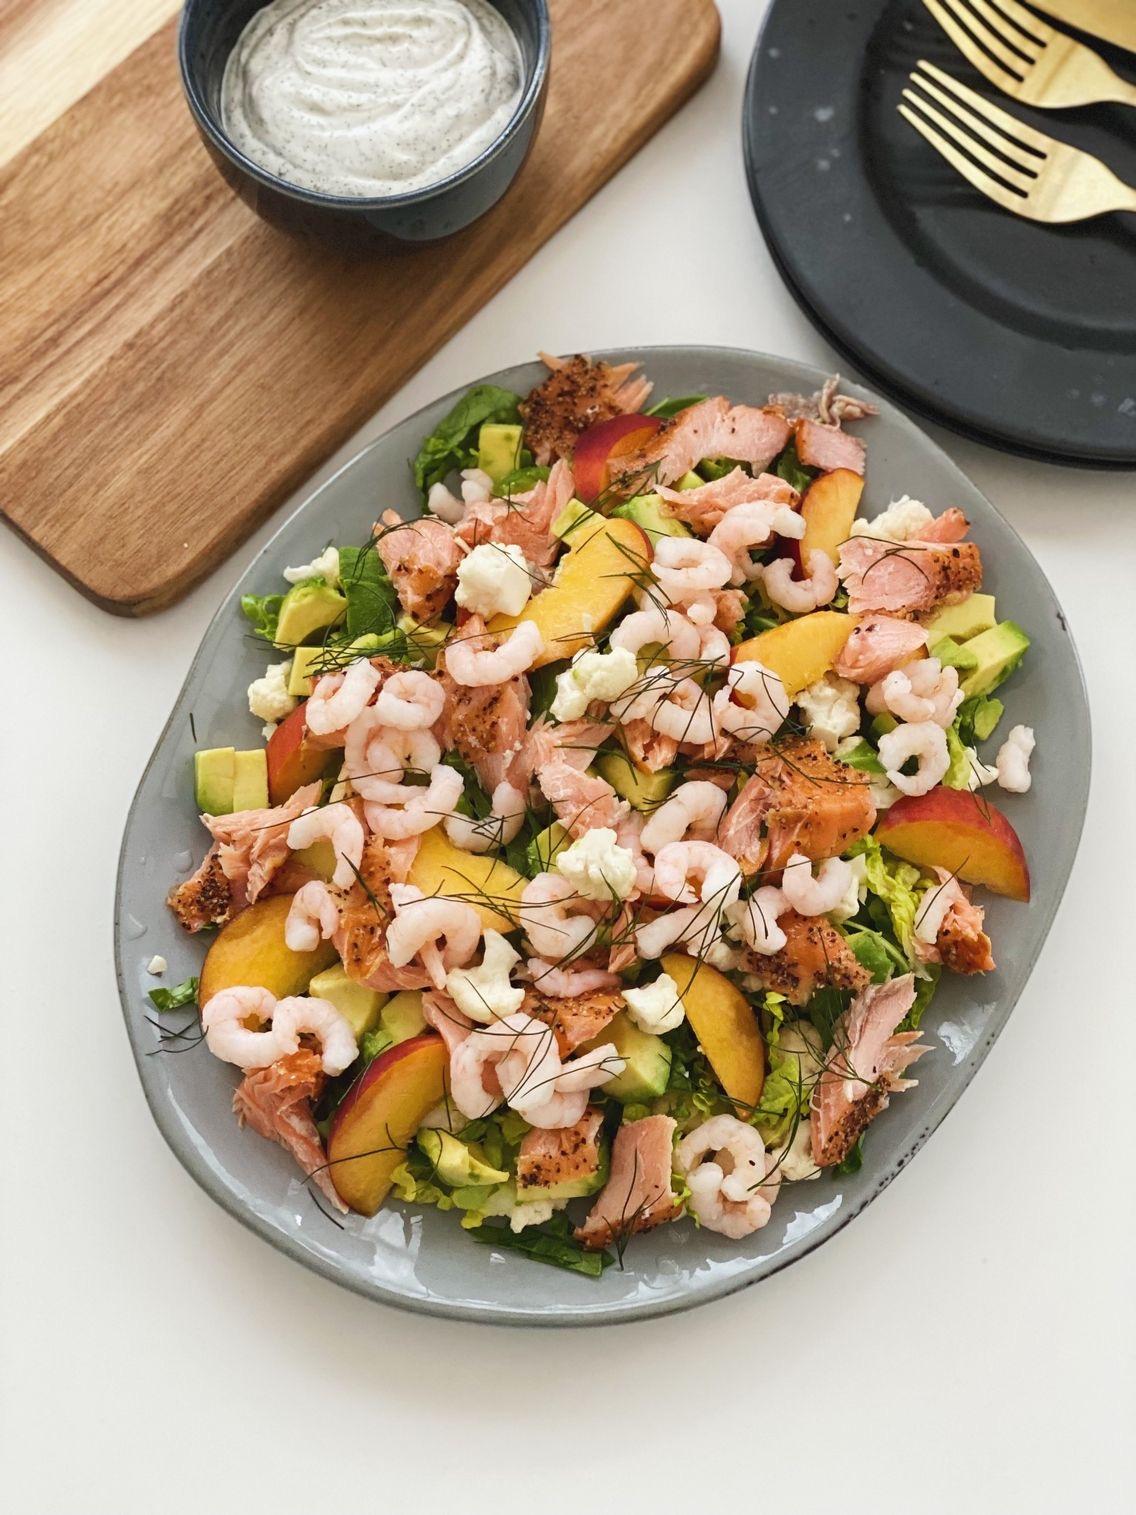 Måltidssalat med laks, rejer og ferskner på et gråt fad set oppefra med en skål med cremefraichedressing ved siden af som er i en sort skål. Der står til højre tallerkner hvor der ligger bestik på.